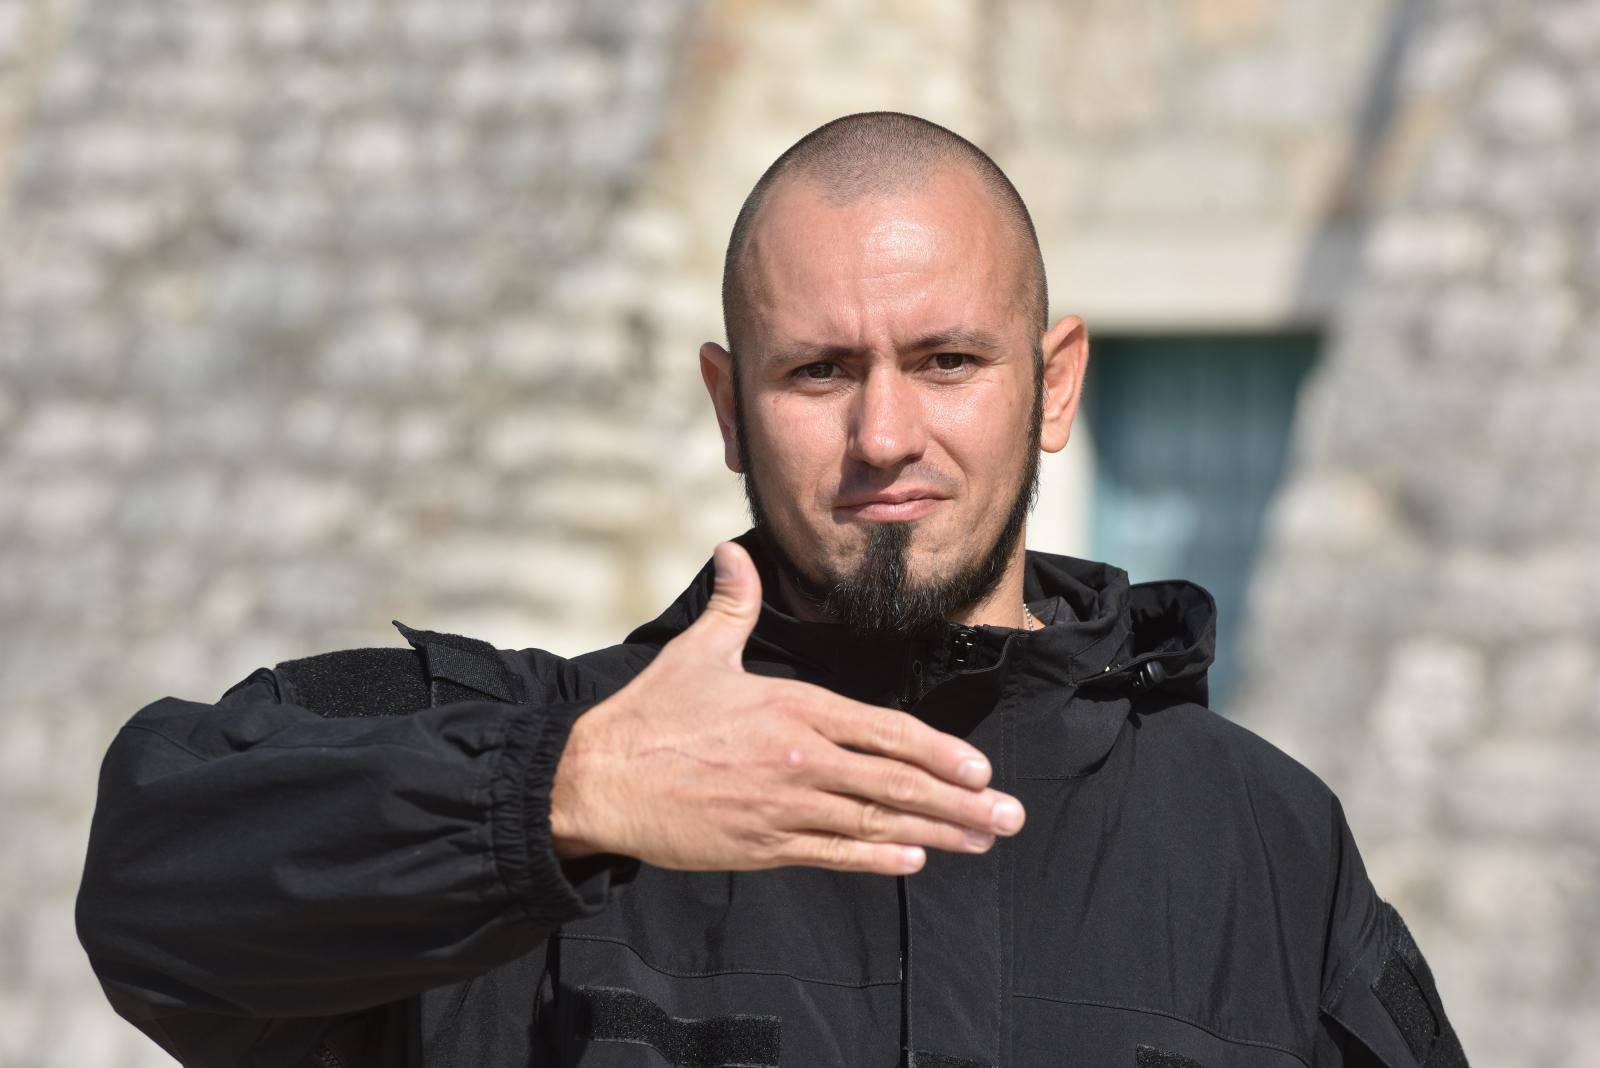 Prvi hrvatski kiborg ima čip u ruci: 'Njime ću plaćati račune'